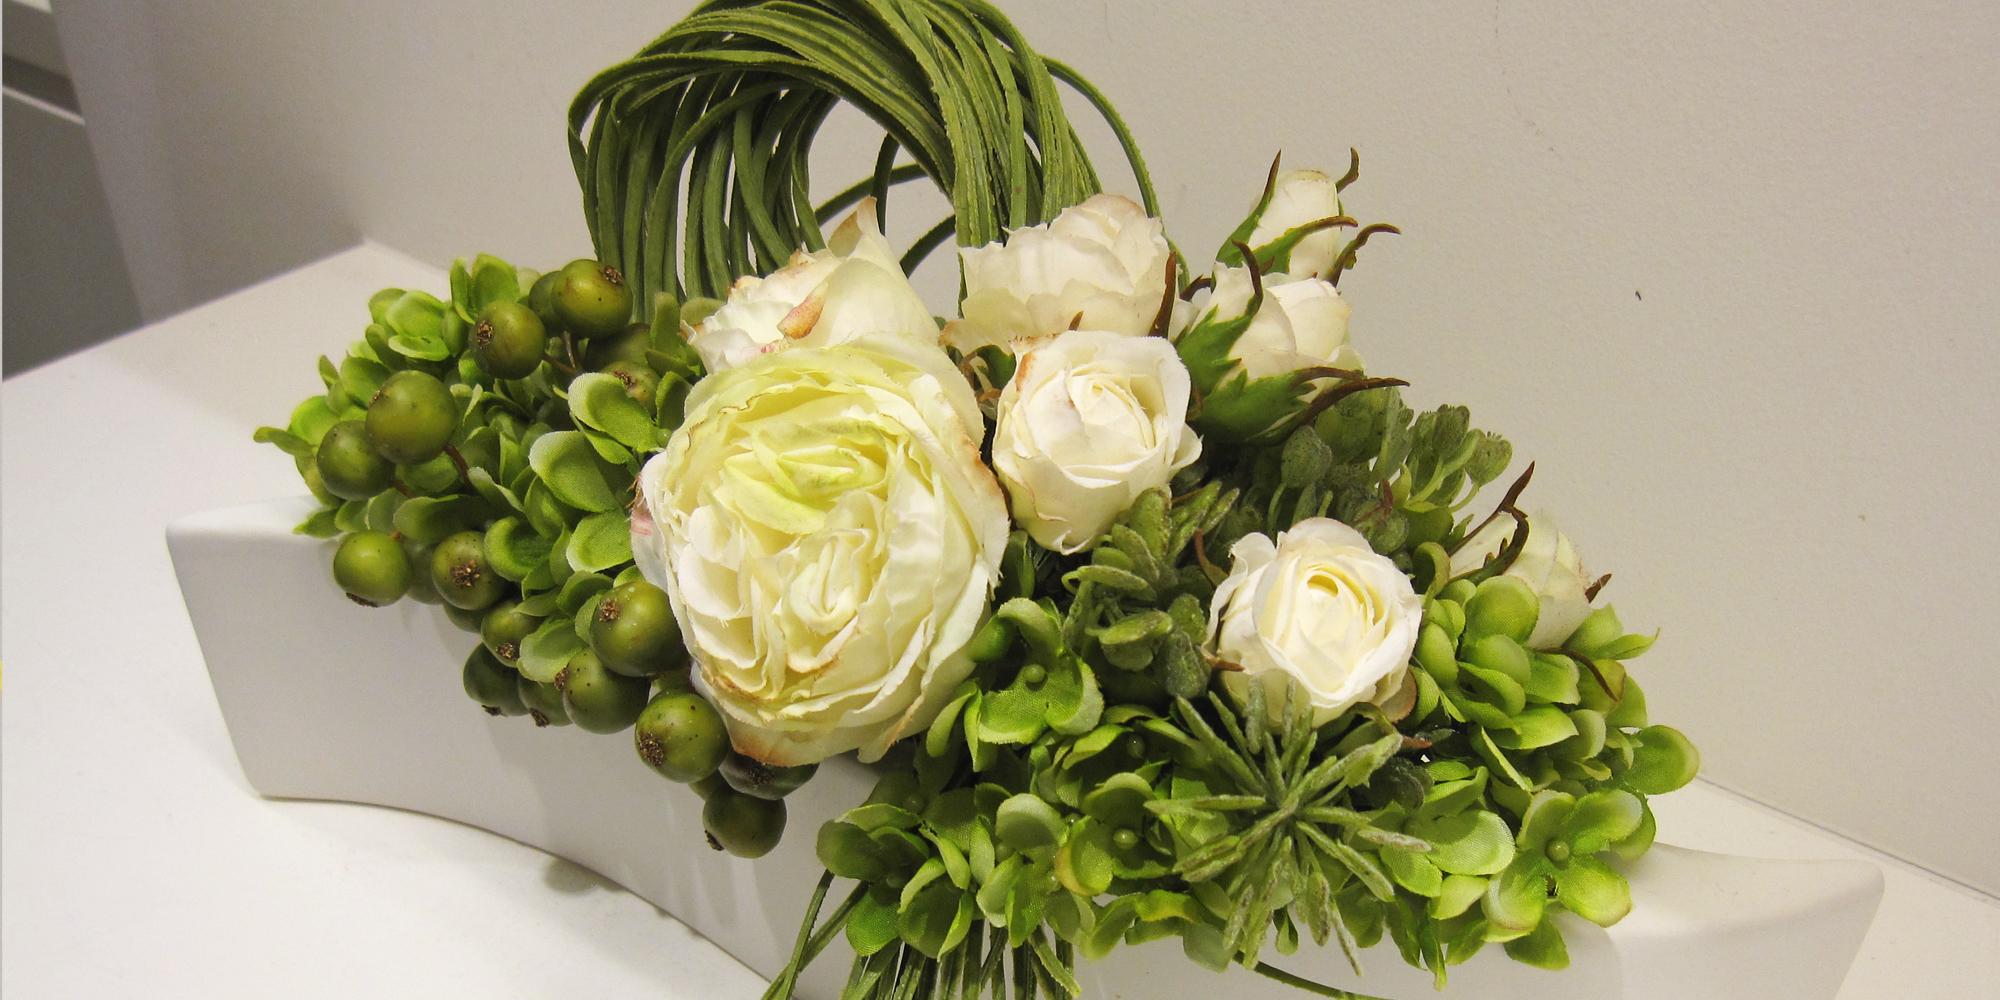 愛知・名古屋・常滑のアーティフィシャルフラワー専門店  アトリエ・フラワー彩花 Artificial flower IFSA 本校